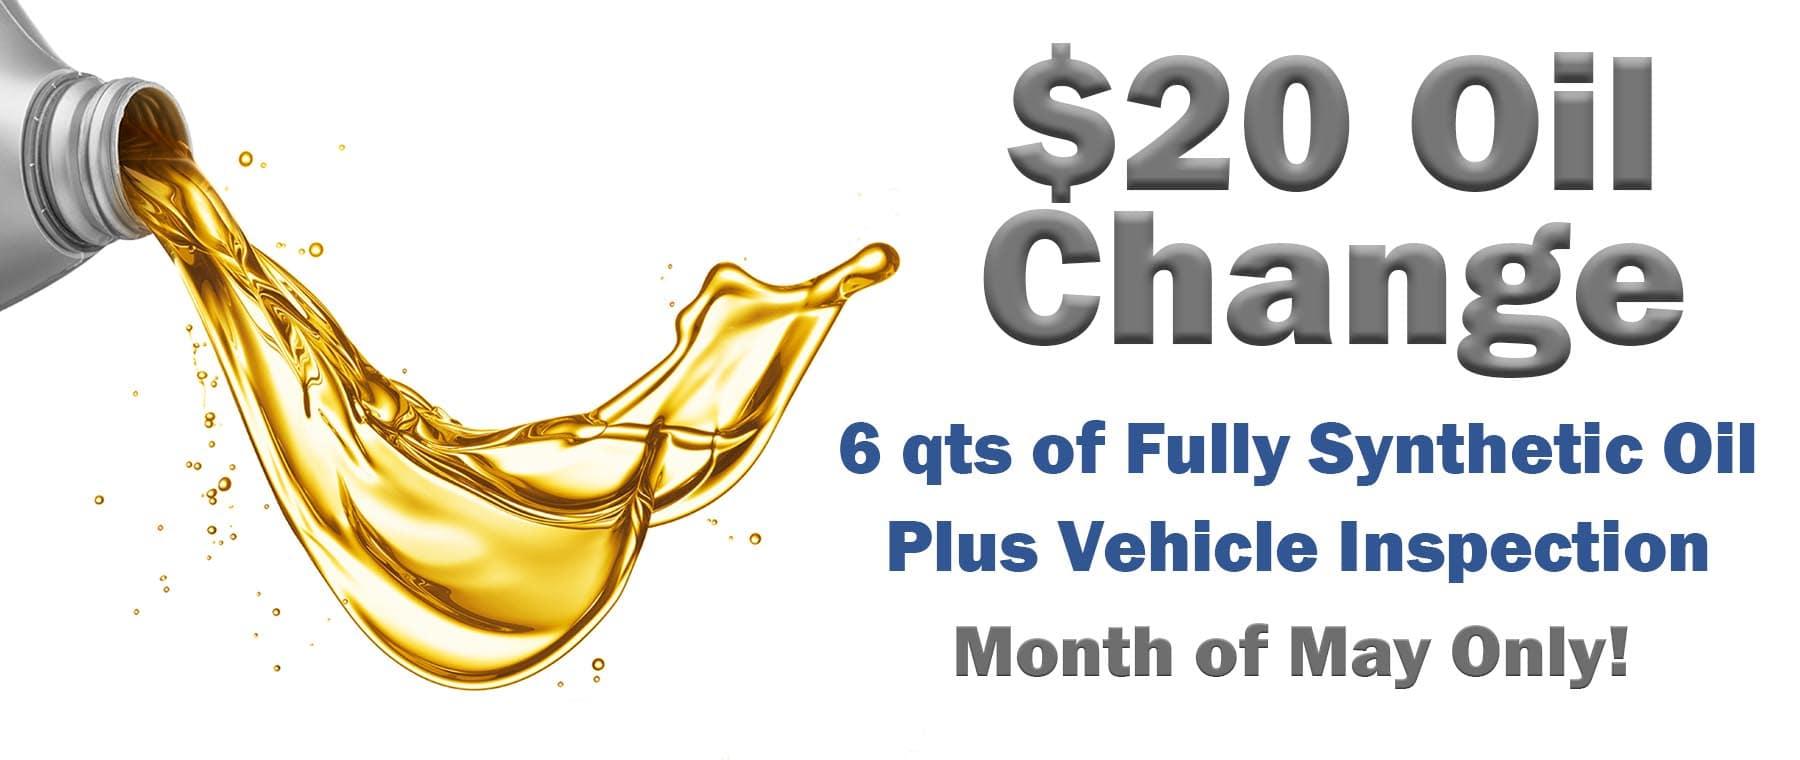 $20 Oil Change – DI Hero Ad